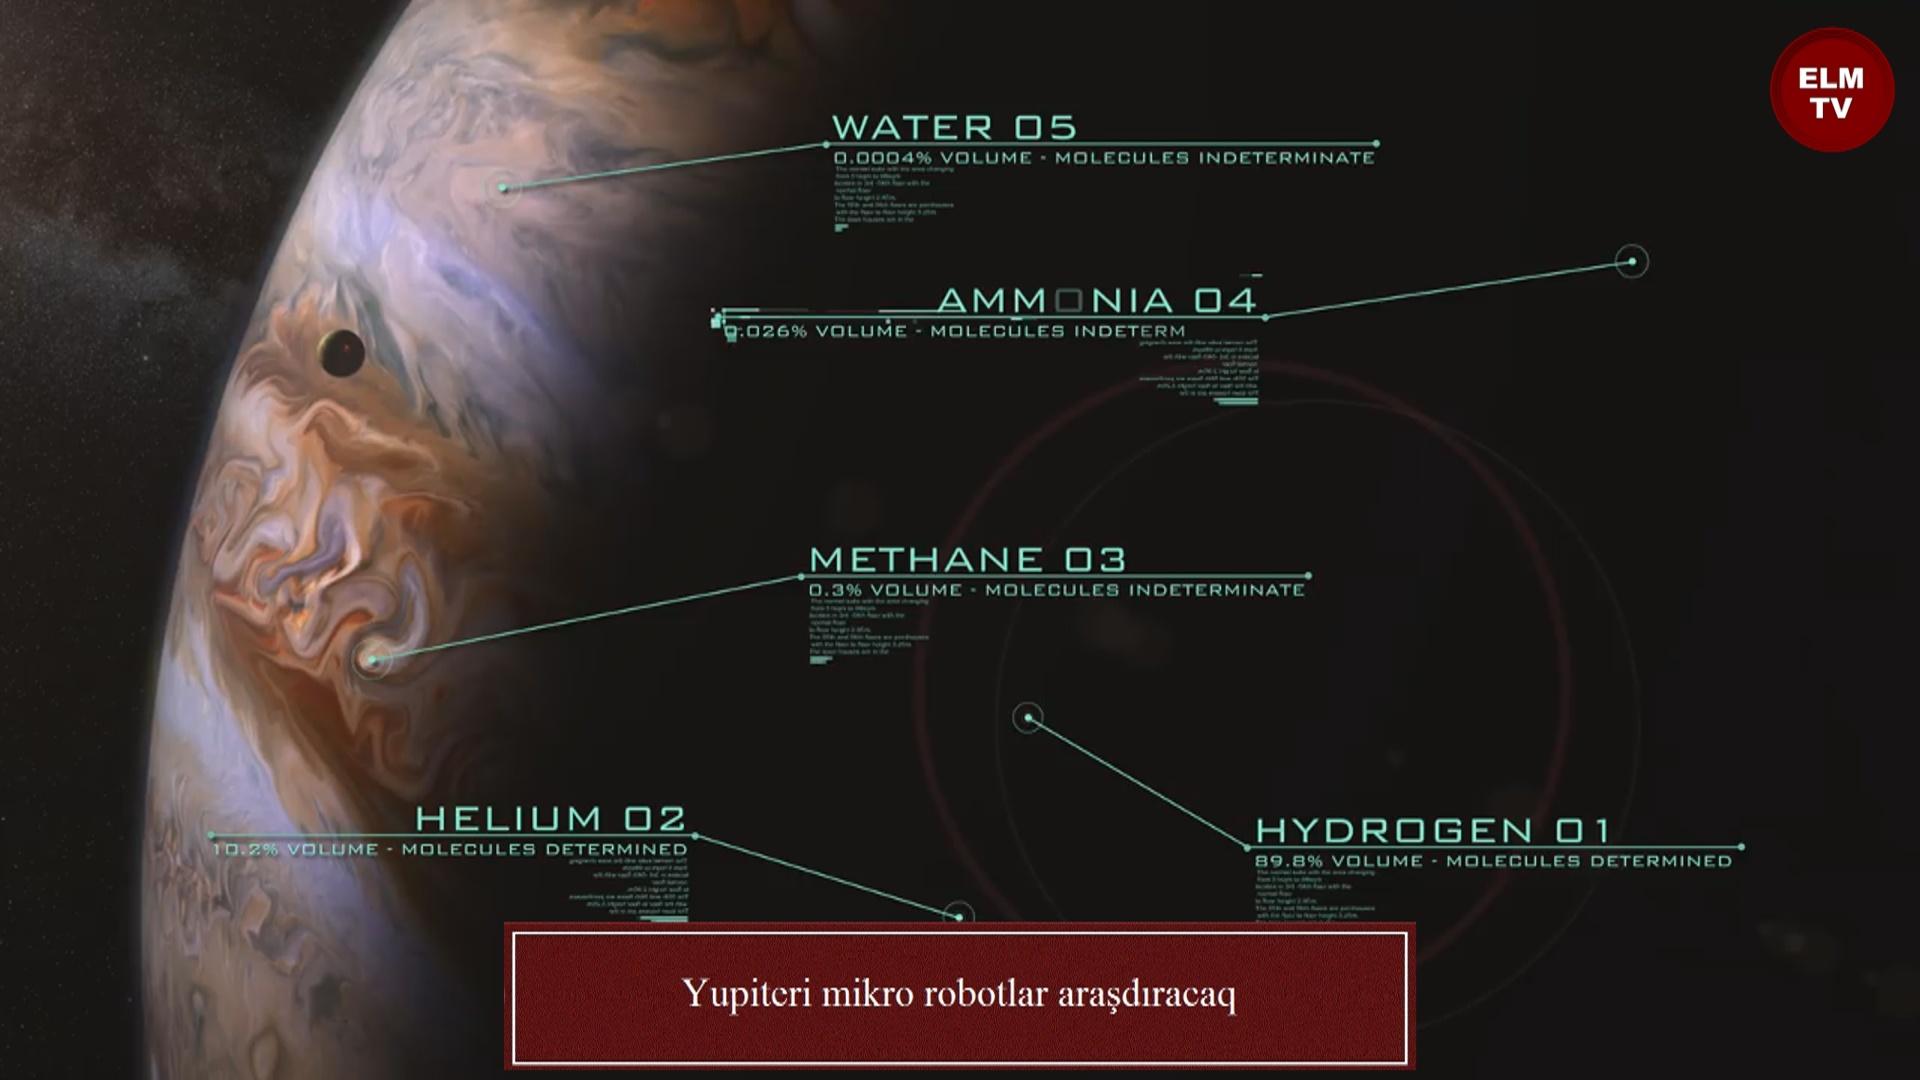 Yupiteri mikro robotlar araşdıracaq